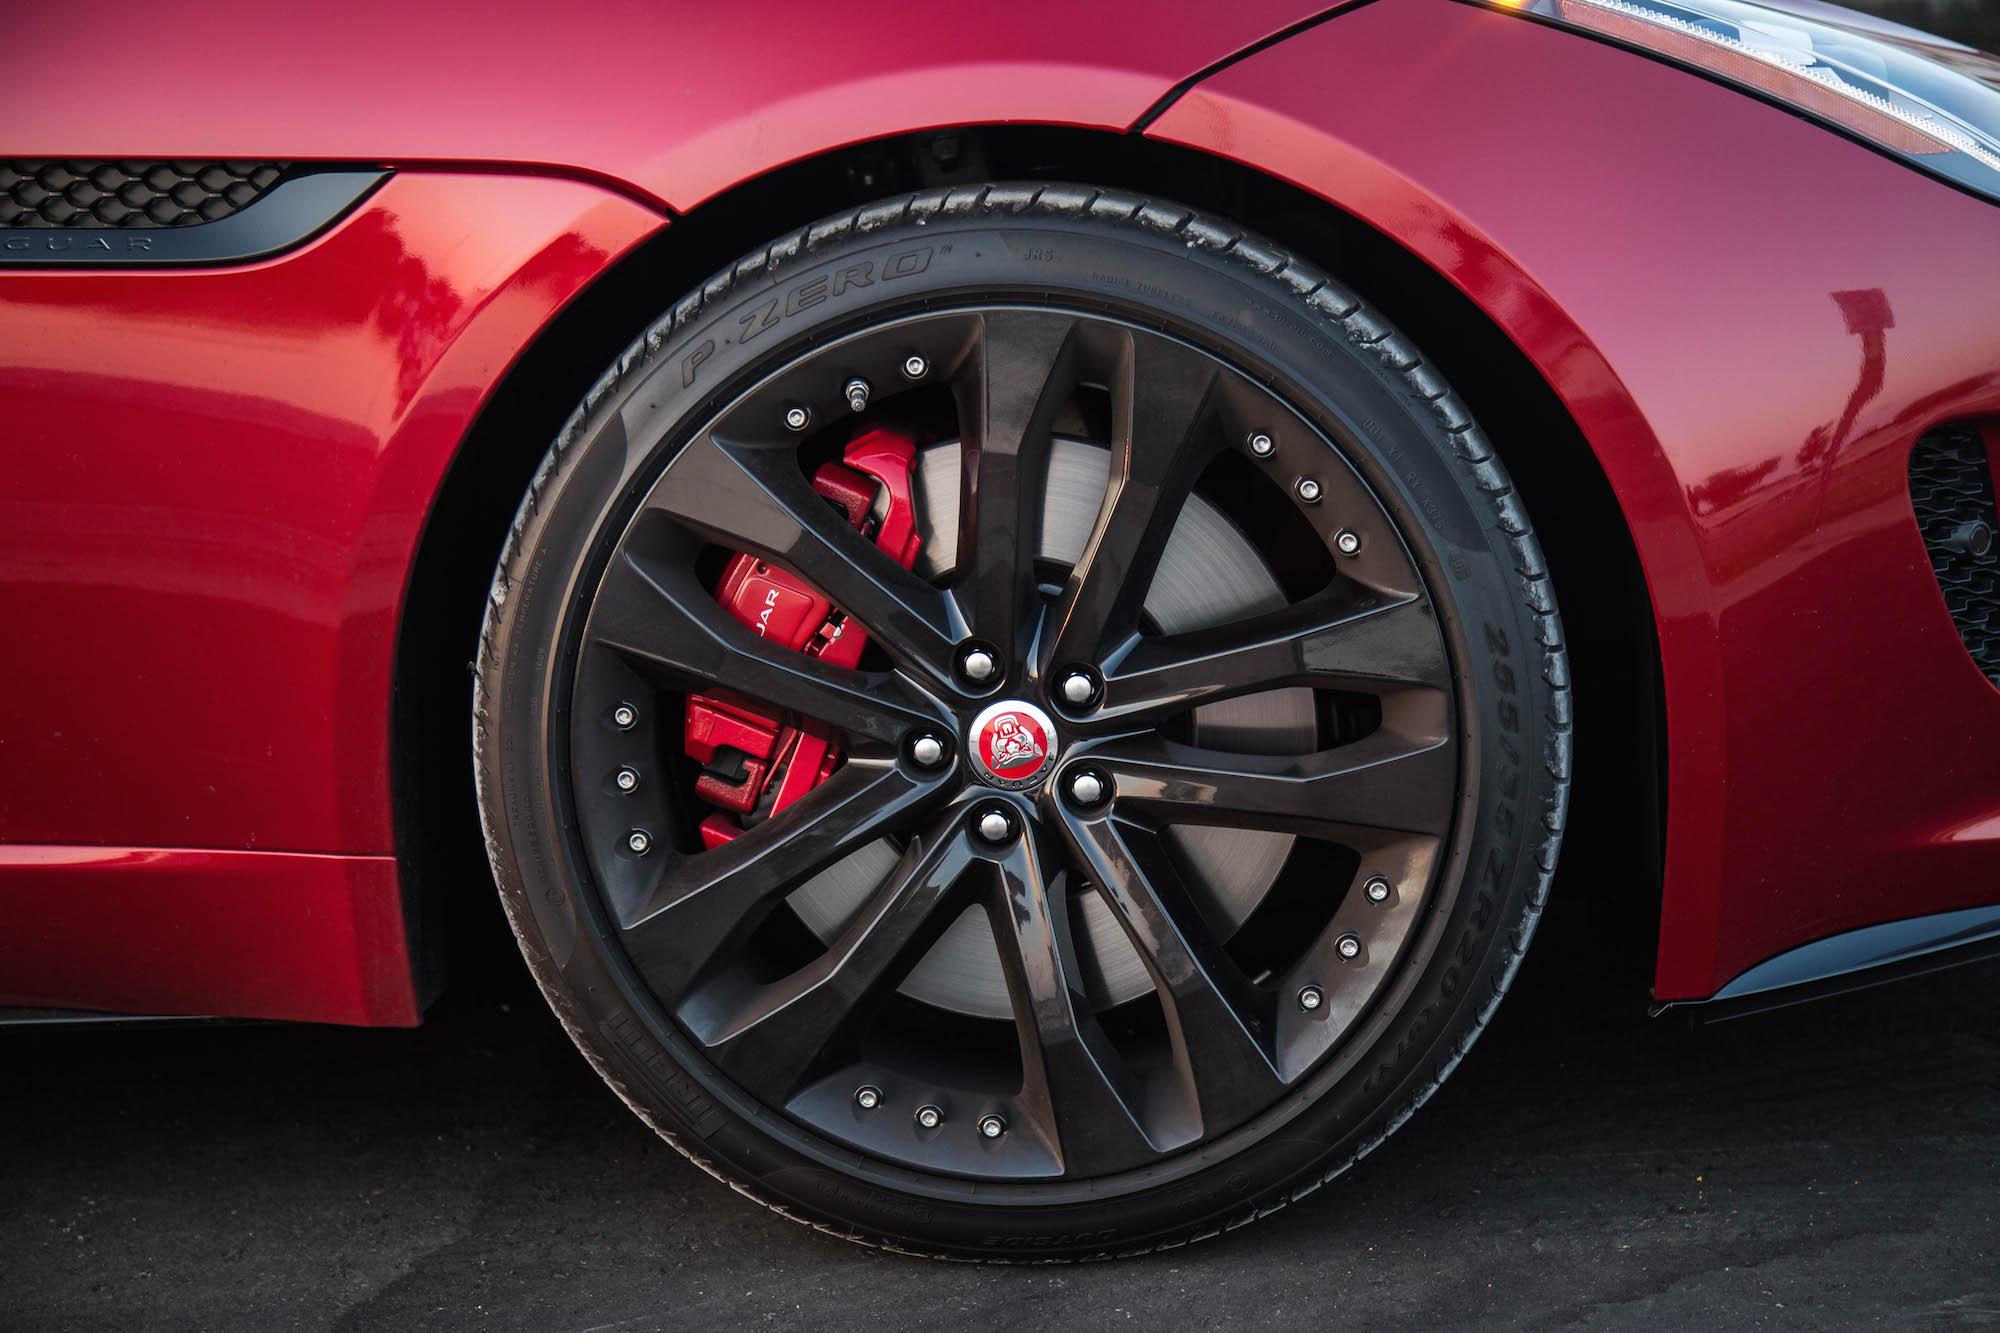 Änderungen in preis, konstruktion, ausstattung und lieferbedingungen sind vorbehalten. Exhaust Notes: 2017 Jaguar F-Type S Manual | Canadian Auto